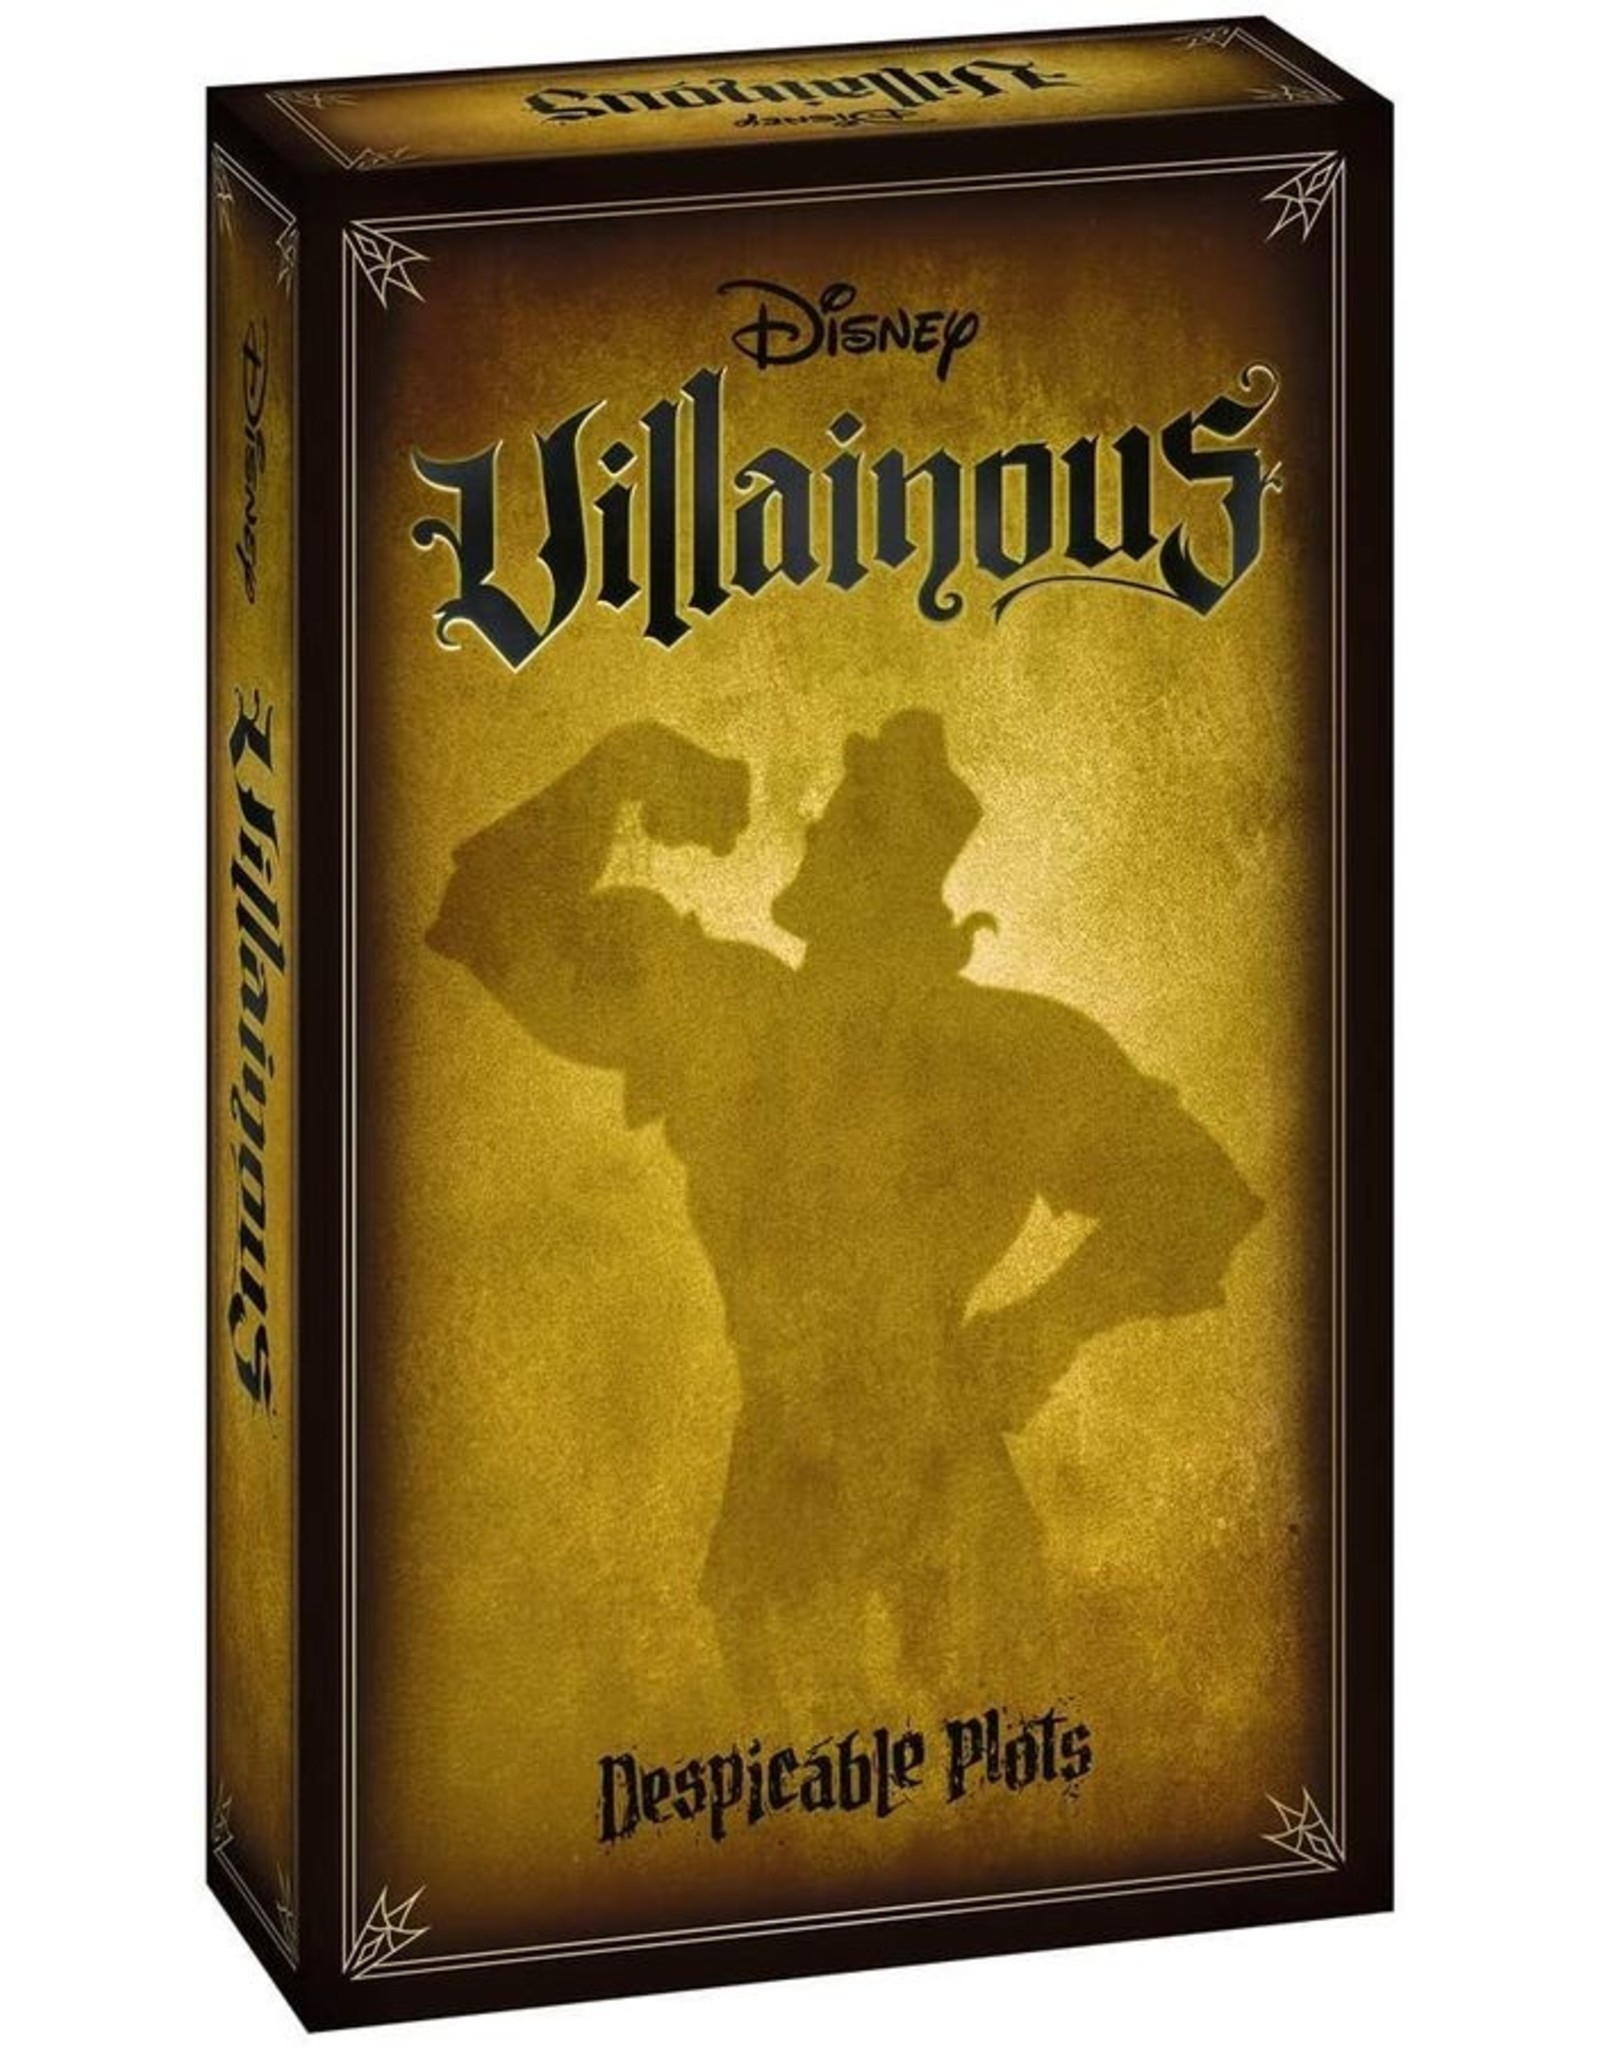 Ravensburger Disney Villainous: Despicable Plots Expansion